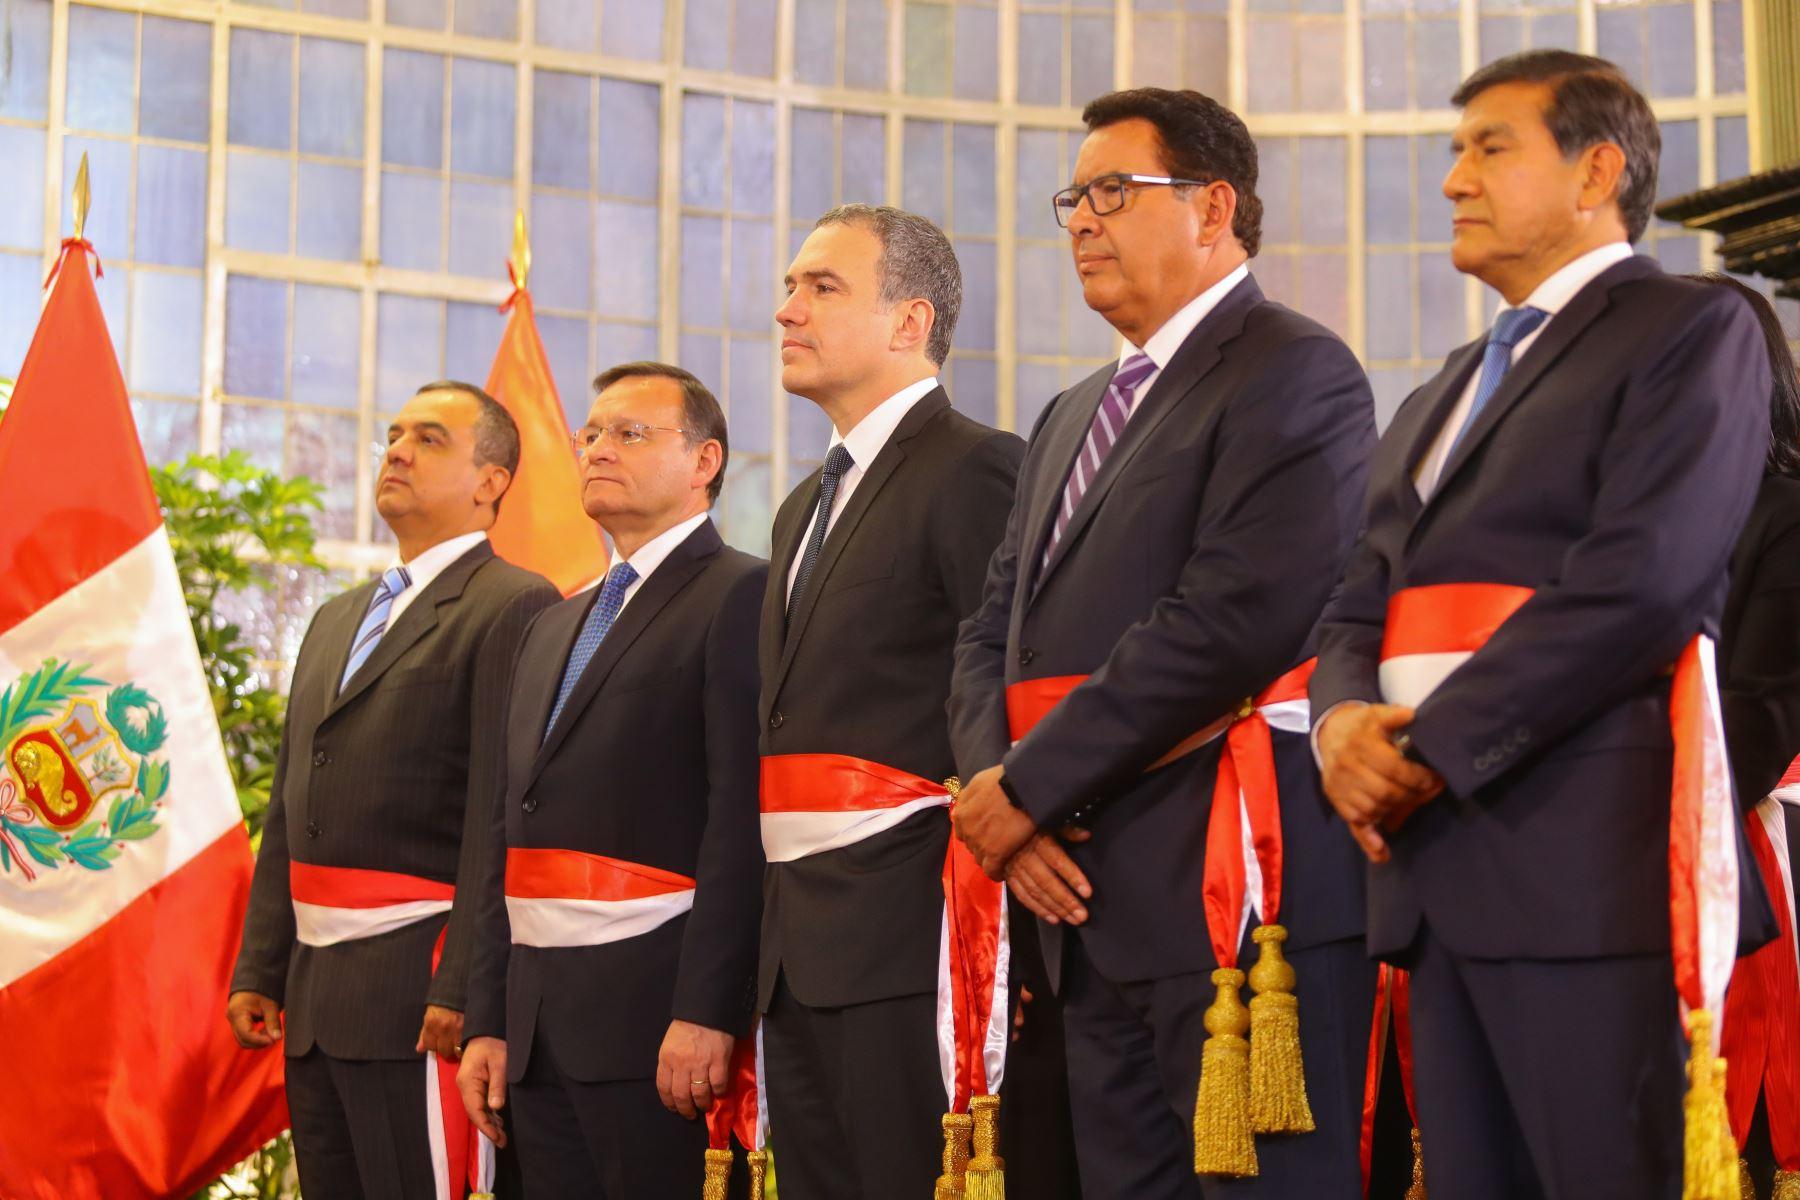 Los ministros Carlos Oliva, Nestor Popolizio, Salvador del Solar, Jose Huerta y Carlos Morán durante la juramentación del nuevo gabinete ministerial. Foto: ANDINA/Prensa Presidencia